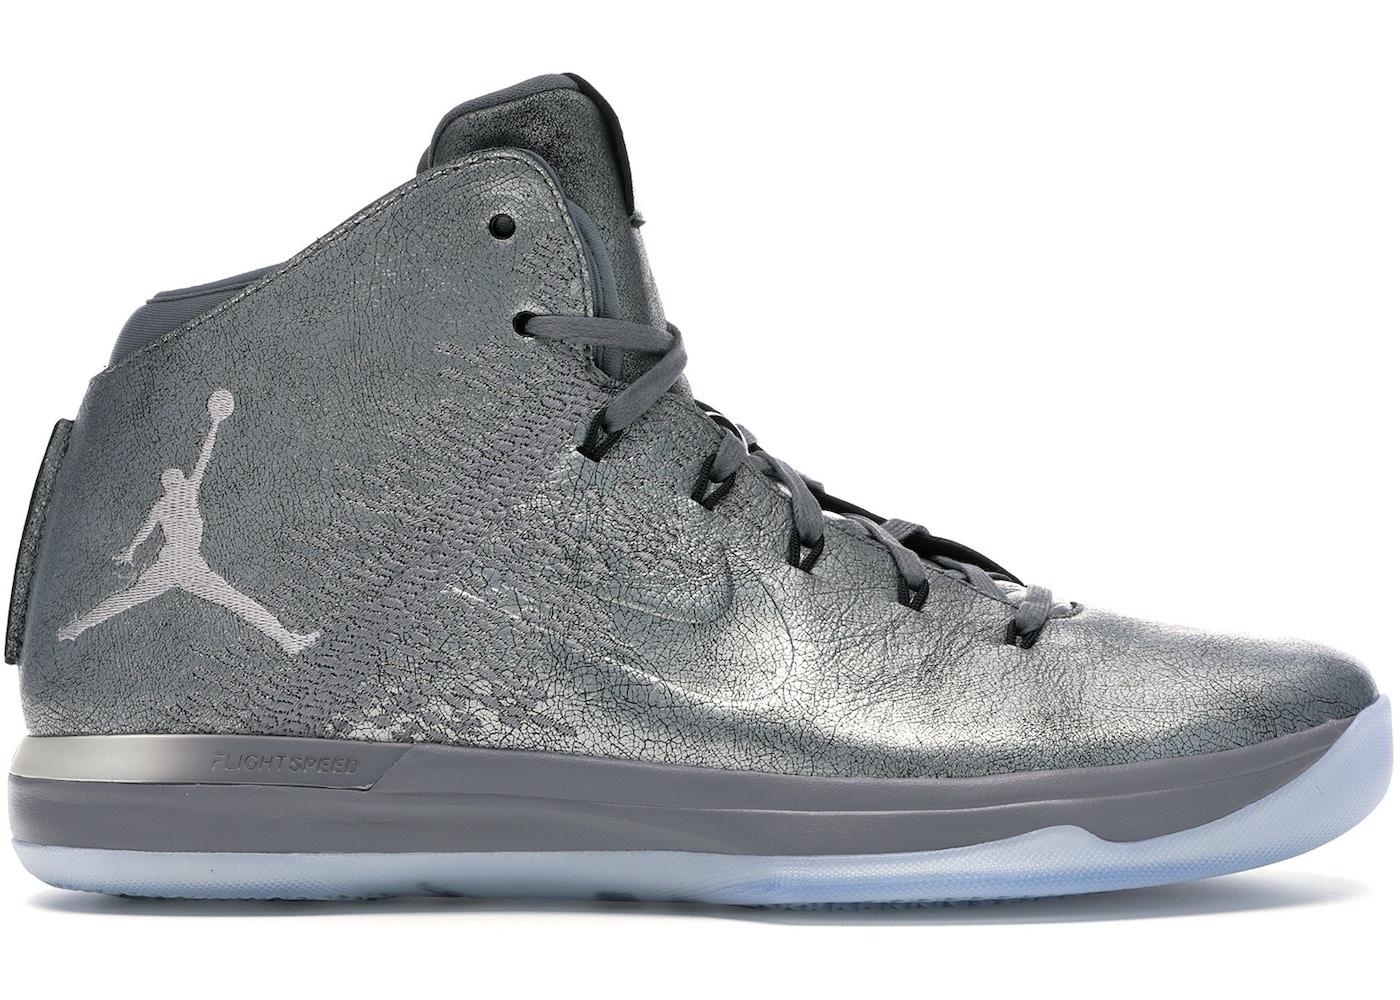 low priced 7b2a8 6de92 Buy Air Jordan 31 Shoes & Deadstock Sneakers